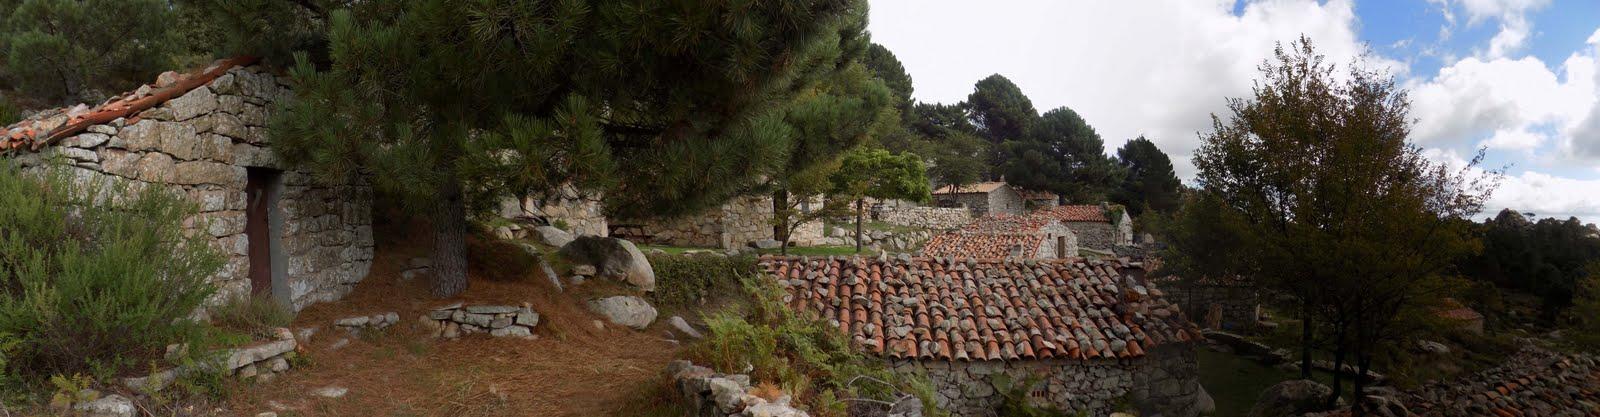 Le hameau de bergeries de Bitalza (photo Olivier Hespel)